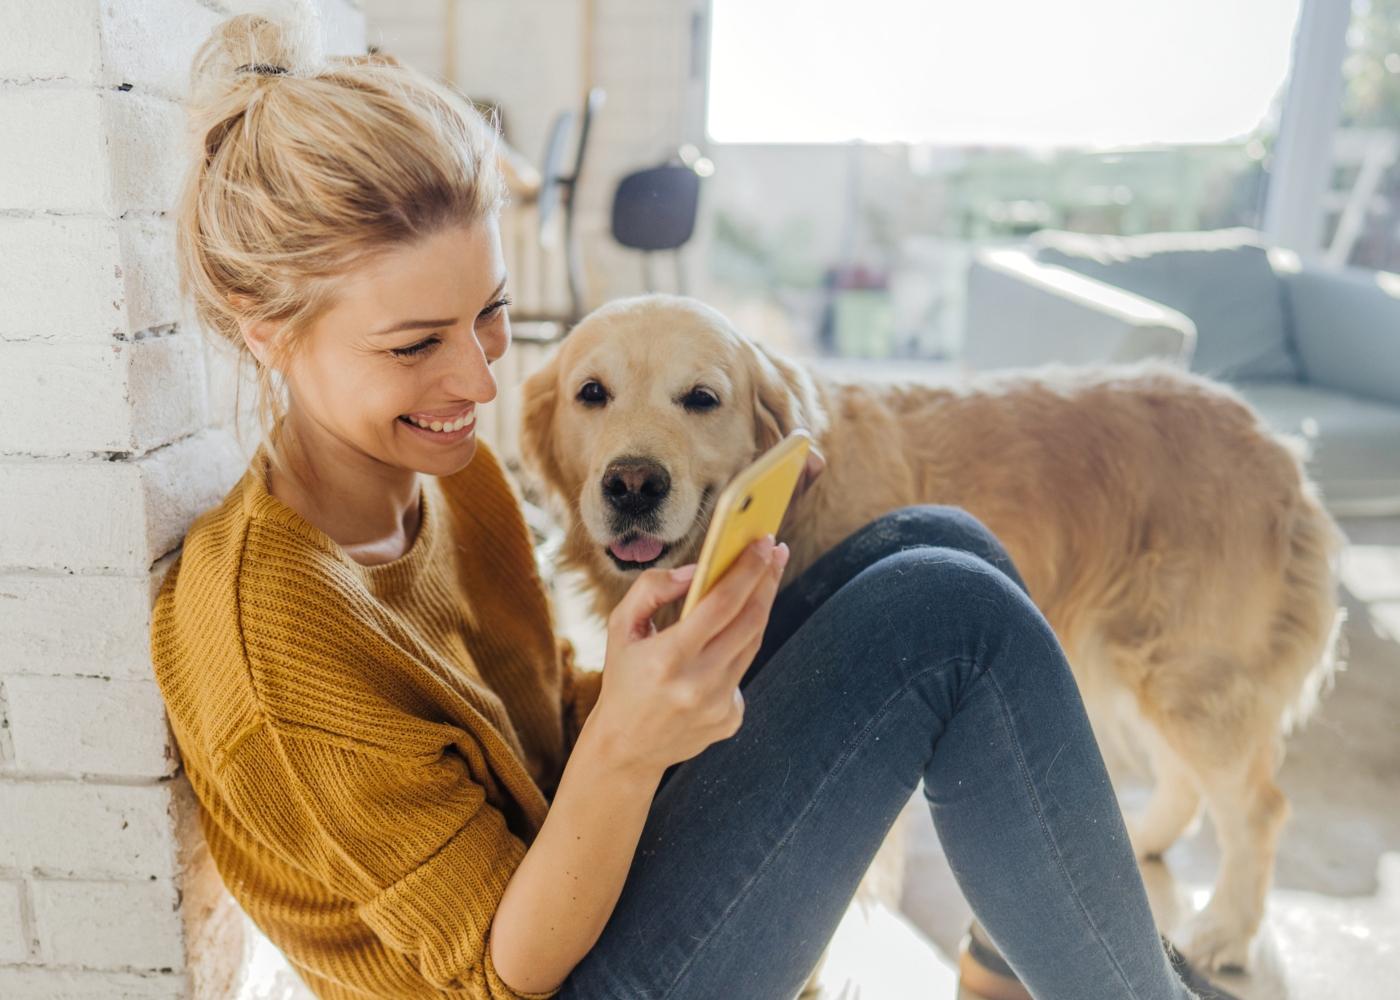 Mulher a aderir ao Seguro Pets através da app da Cofidis